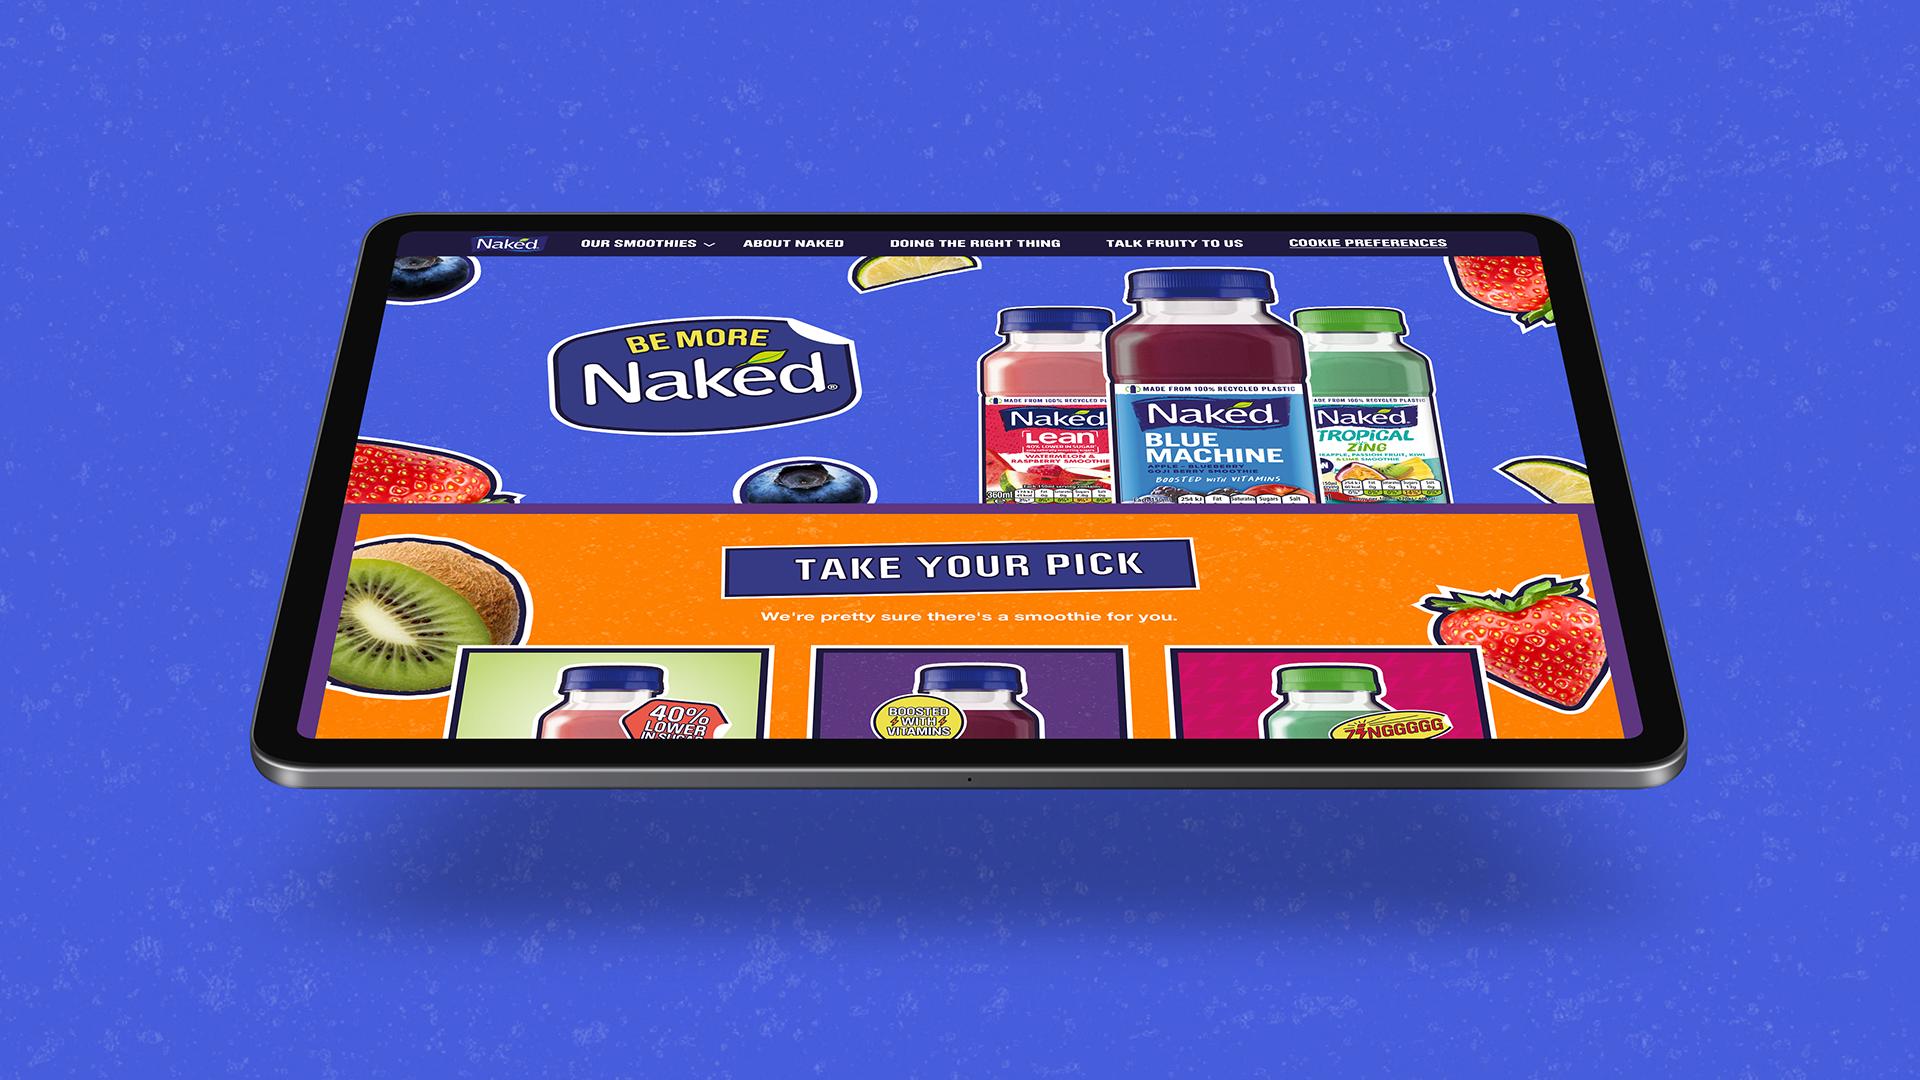 Naked_Ipad